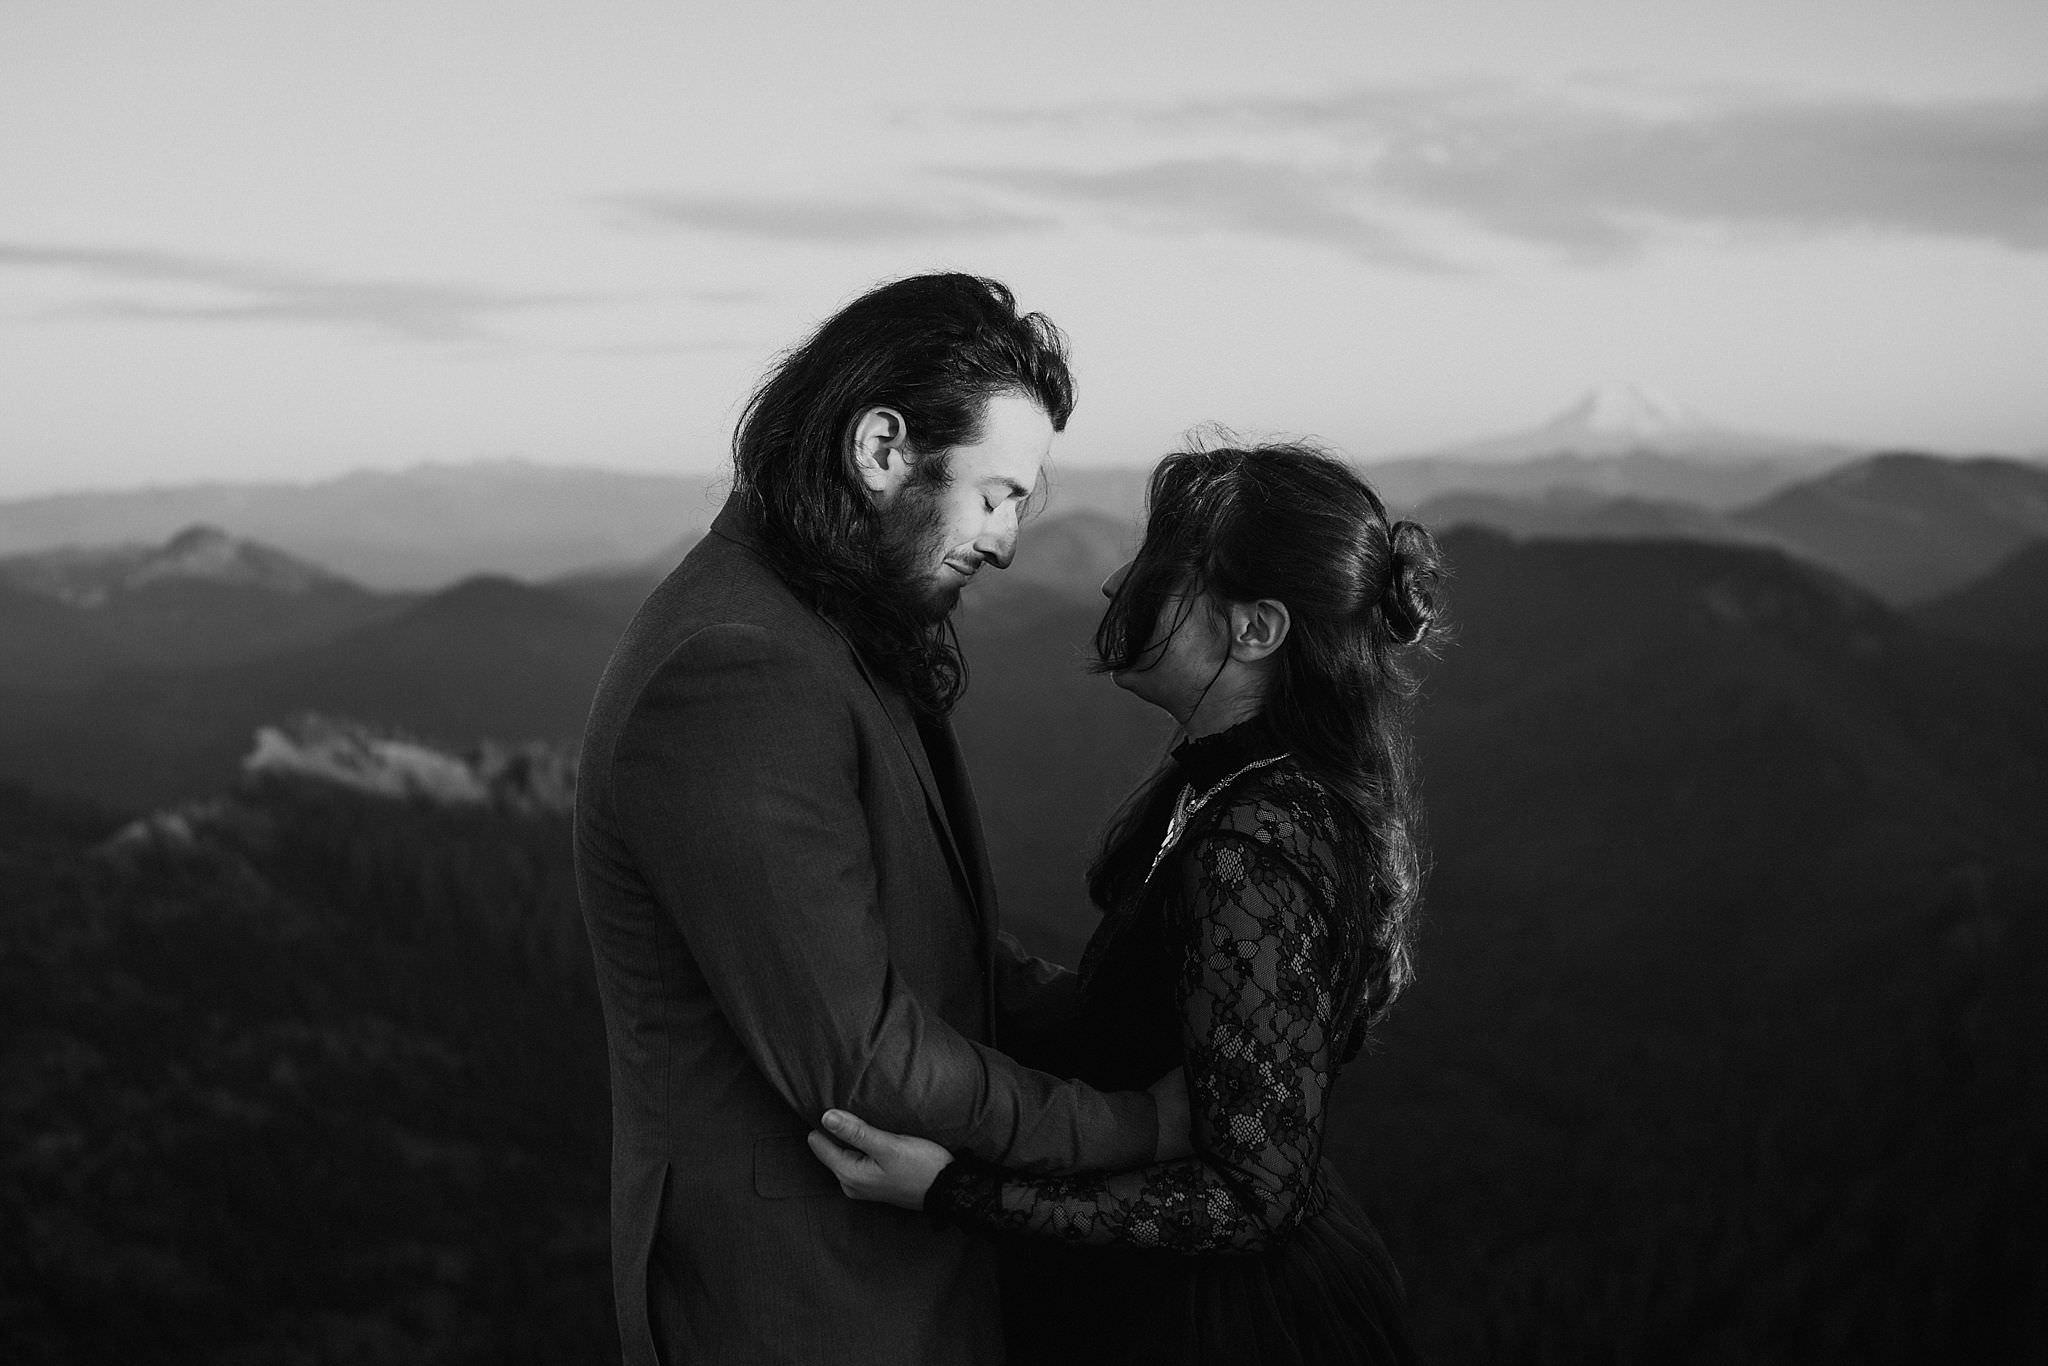 Mount Adams and Mount St. Helens adventure elopement